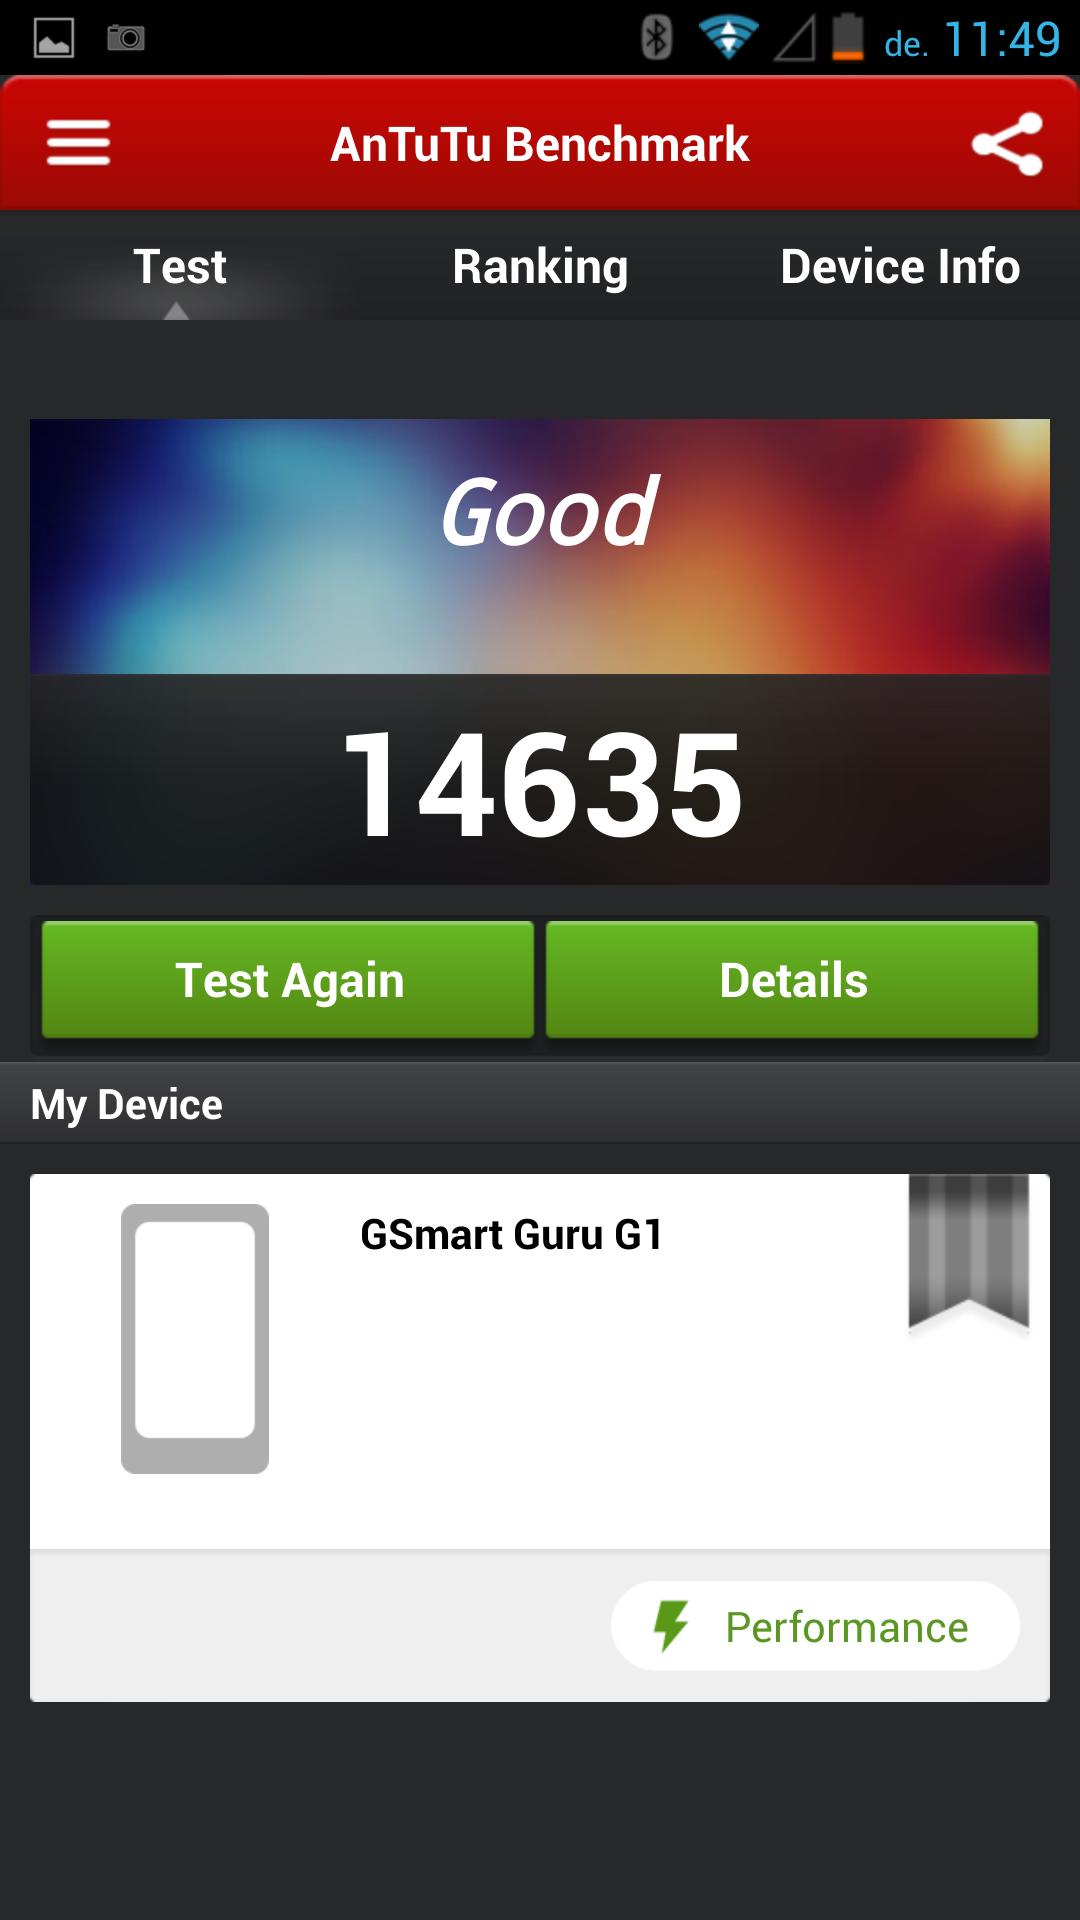 Gigabyte GSmart Guru G1 - Antutu Benchmark